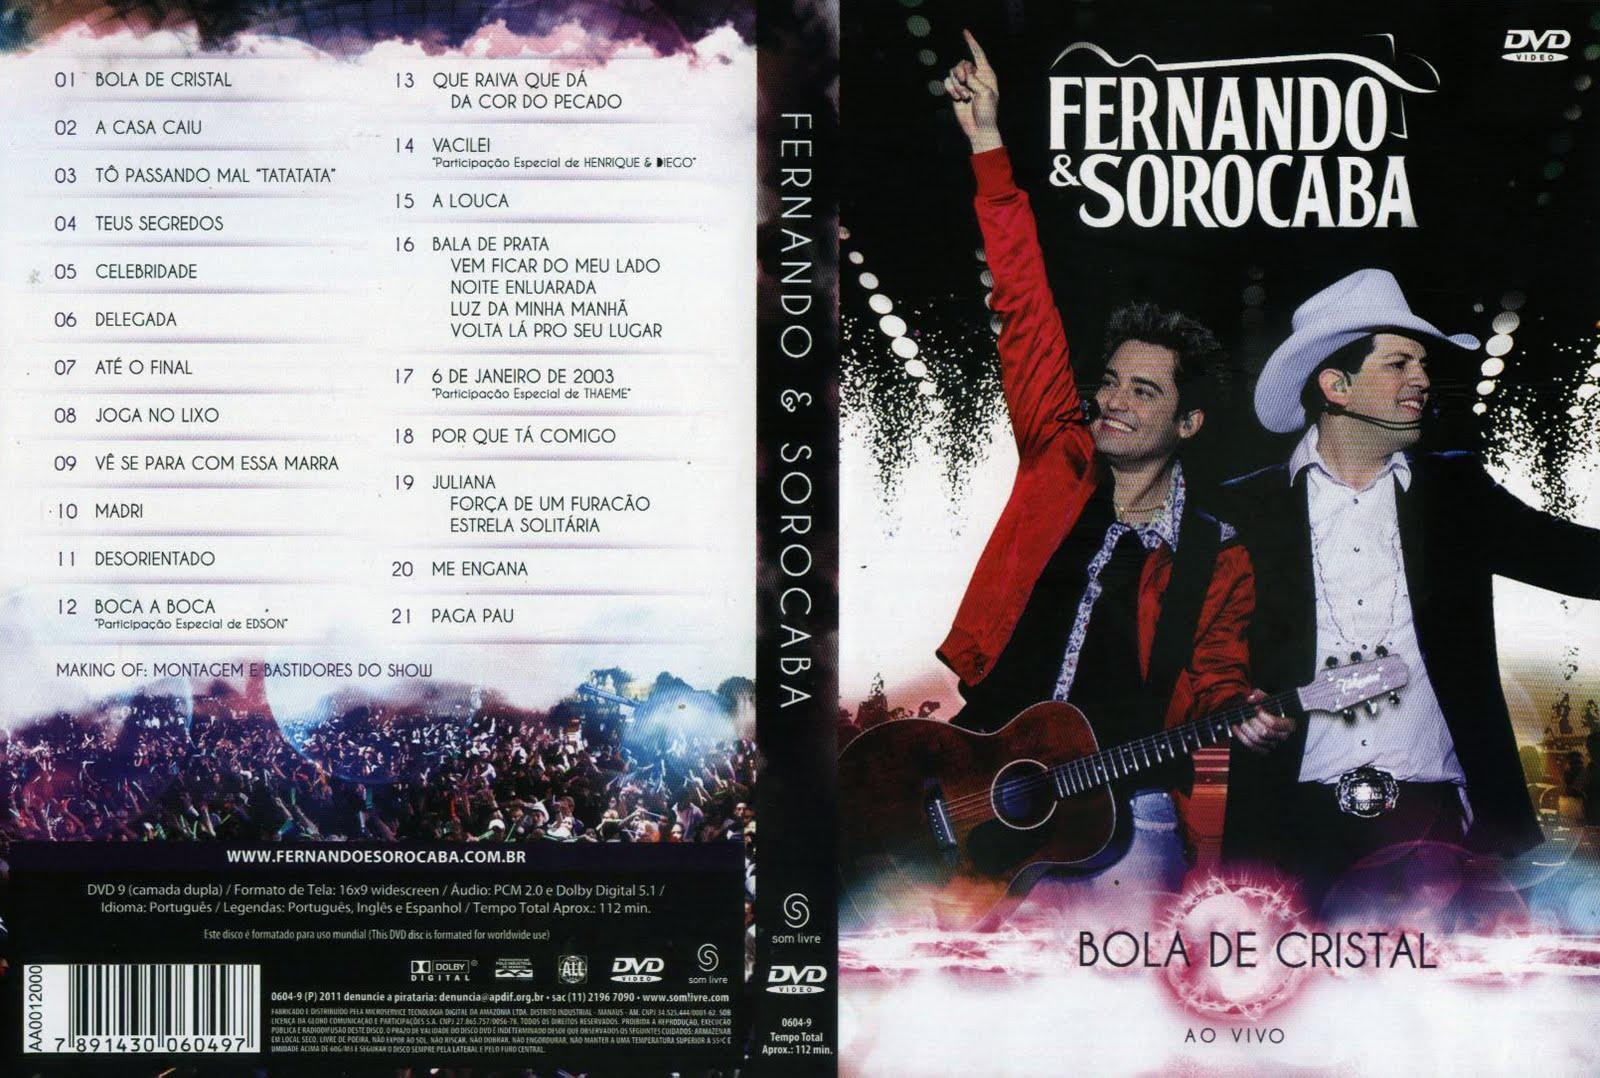 Fernando e Sorocaba Bola De Cristal Ao Vivo DVDRip XviD (2011) Fernando 2B 2526 2BSorocaba 2B  2BBola 2BDe 2BCristal 2BAo 2BVivo